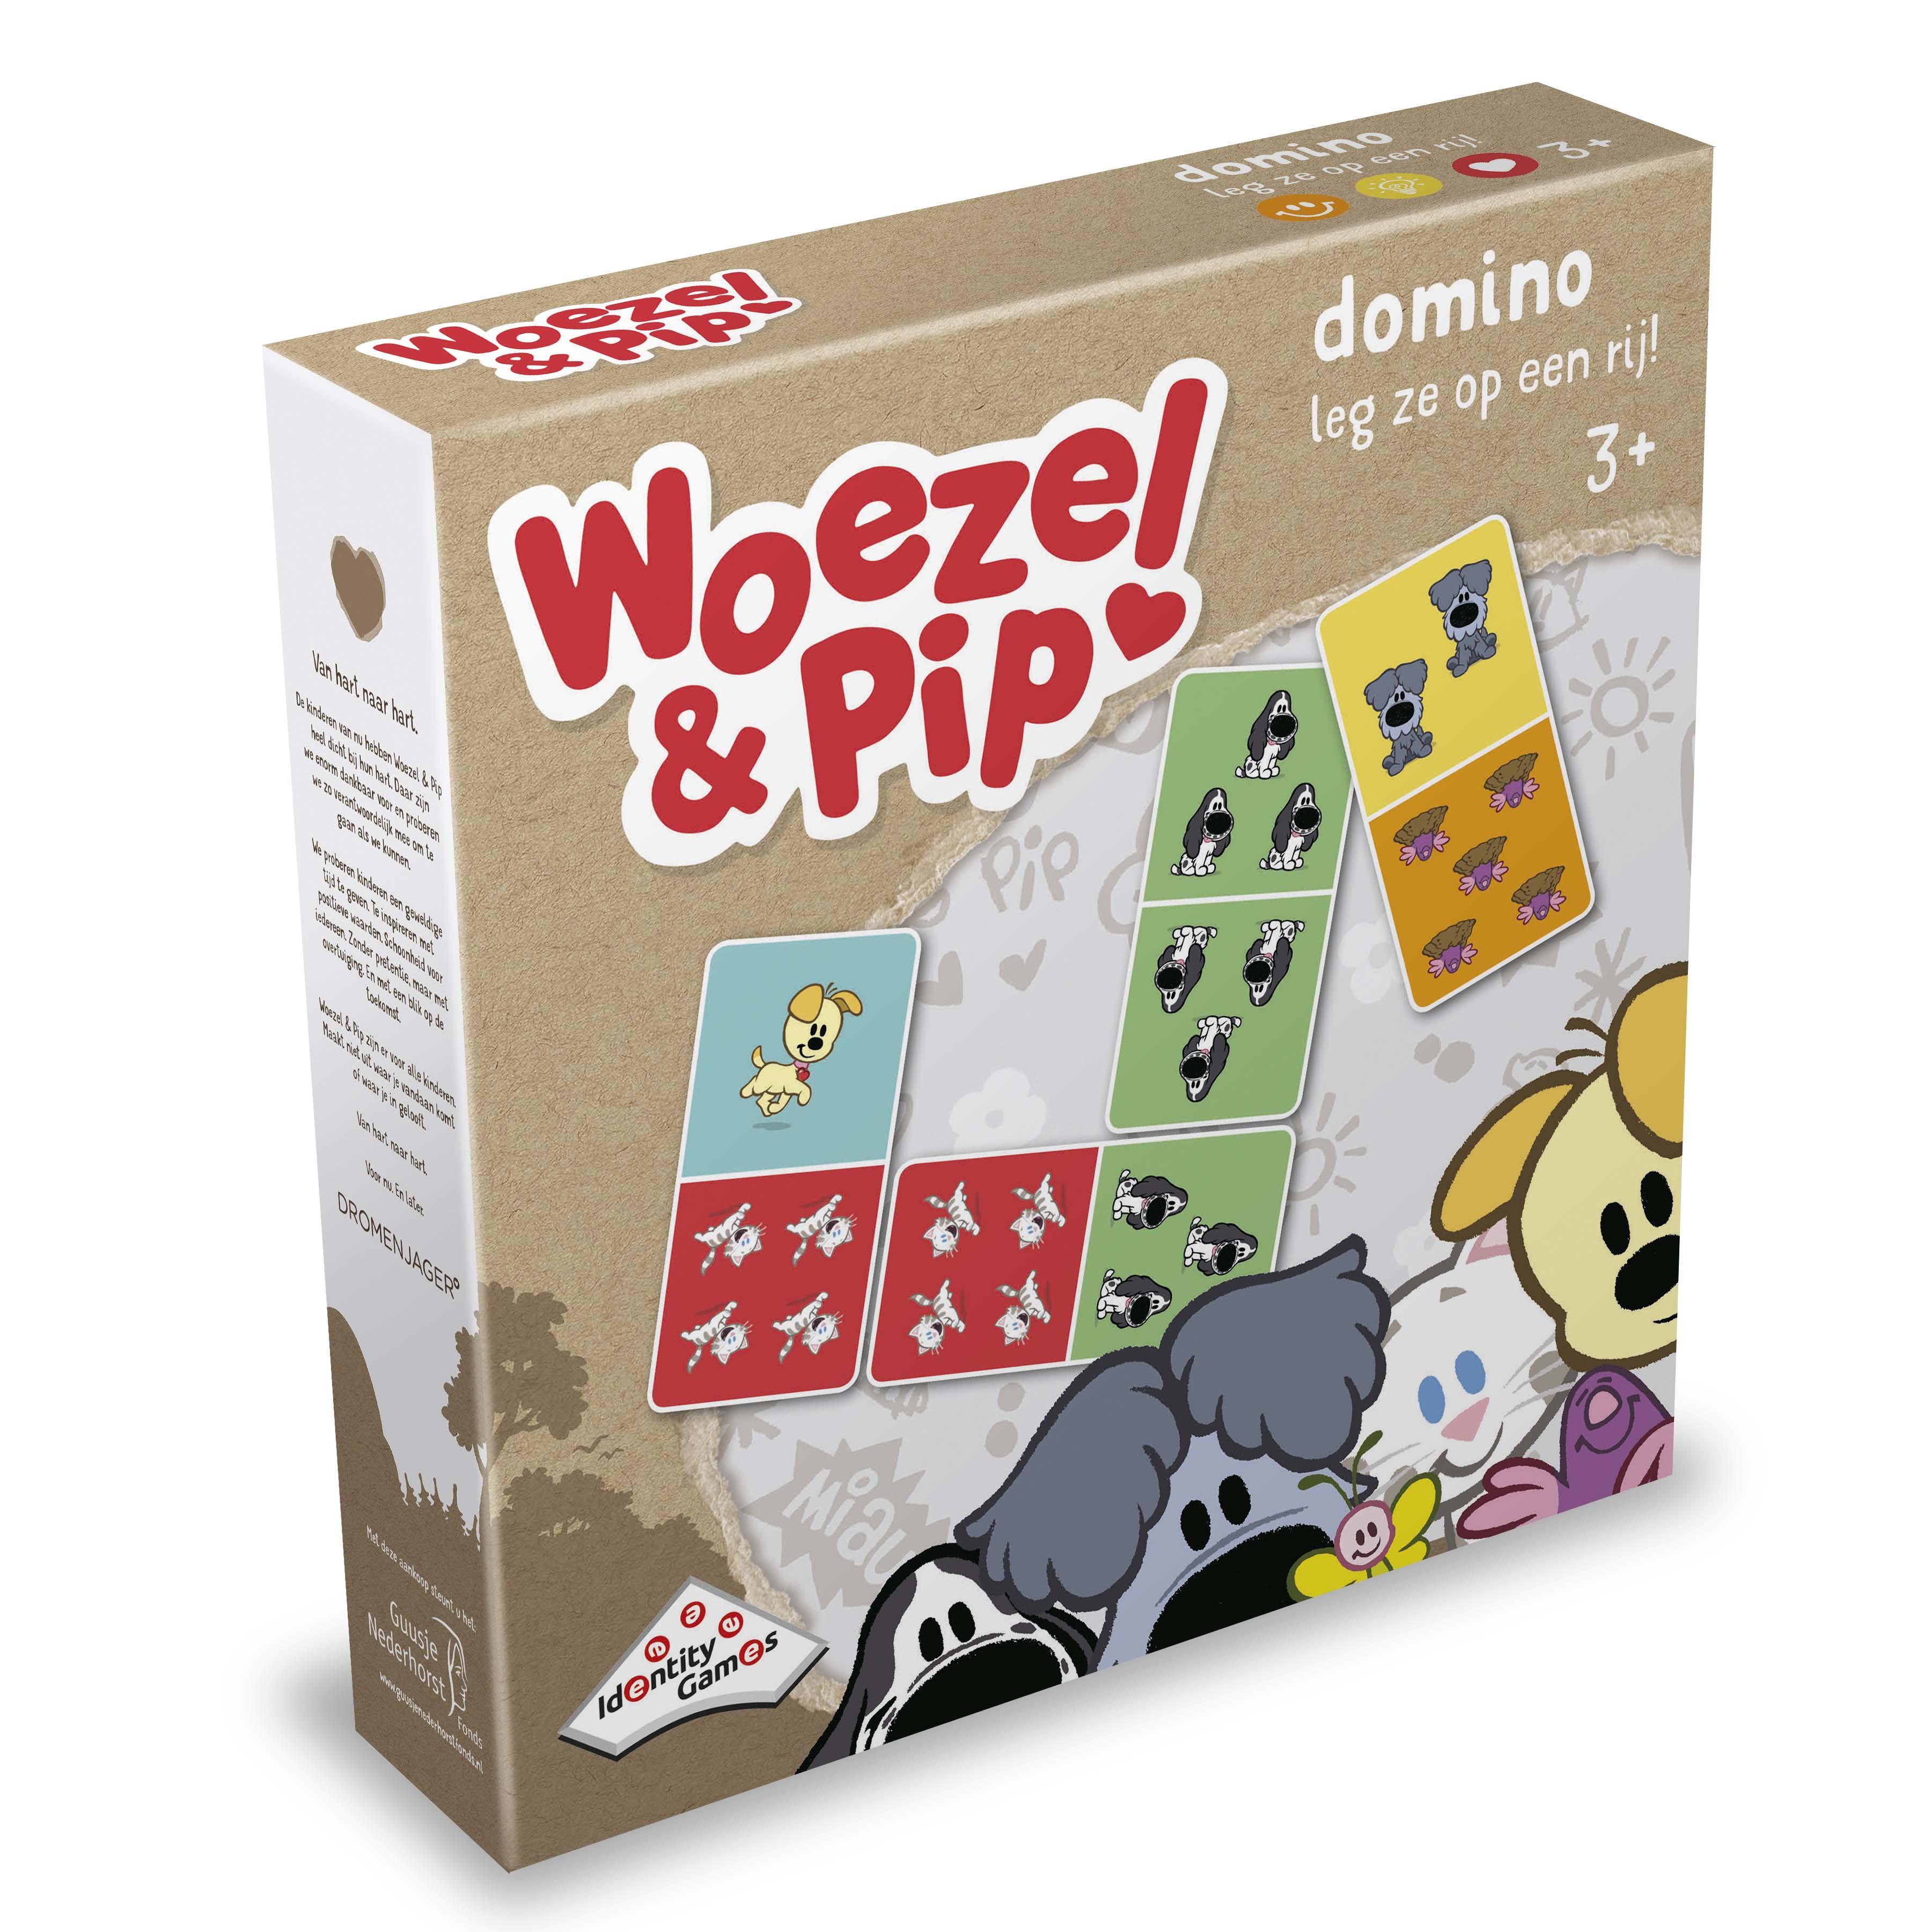 Afbeelding van Spel Woezel En Pip Domino